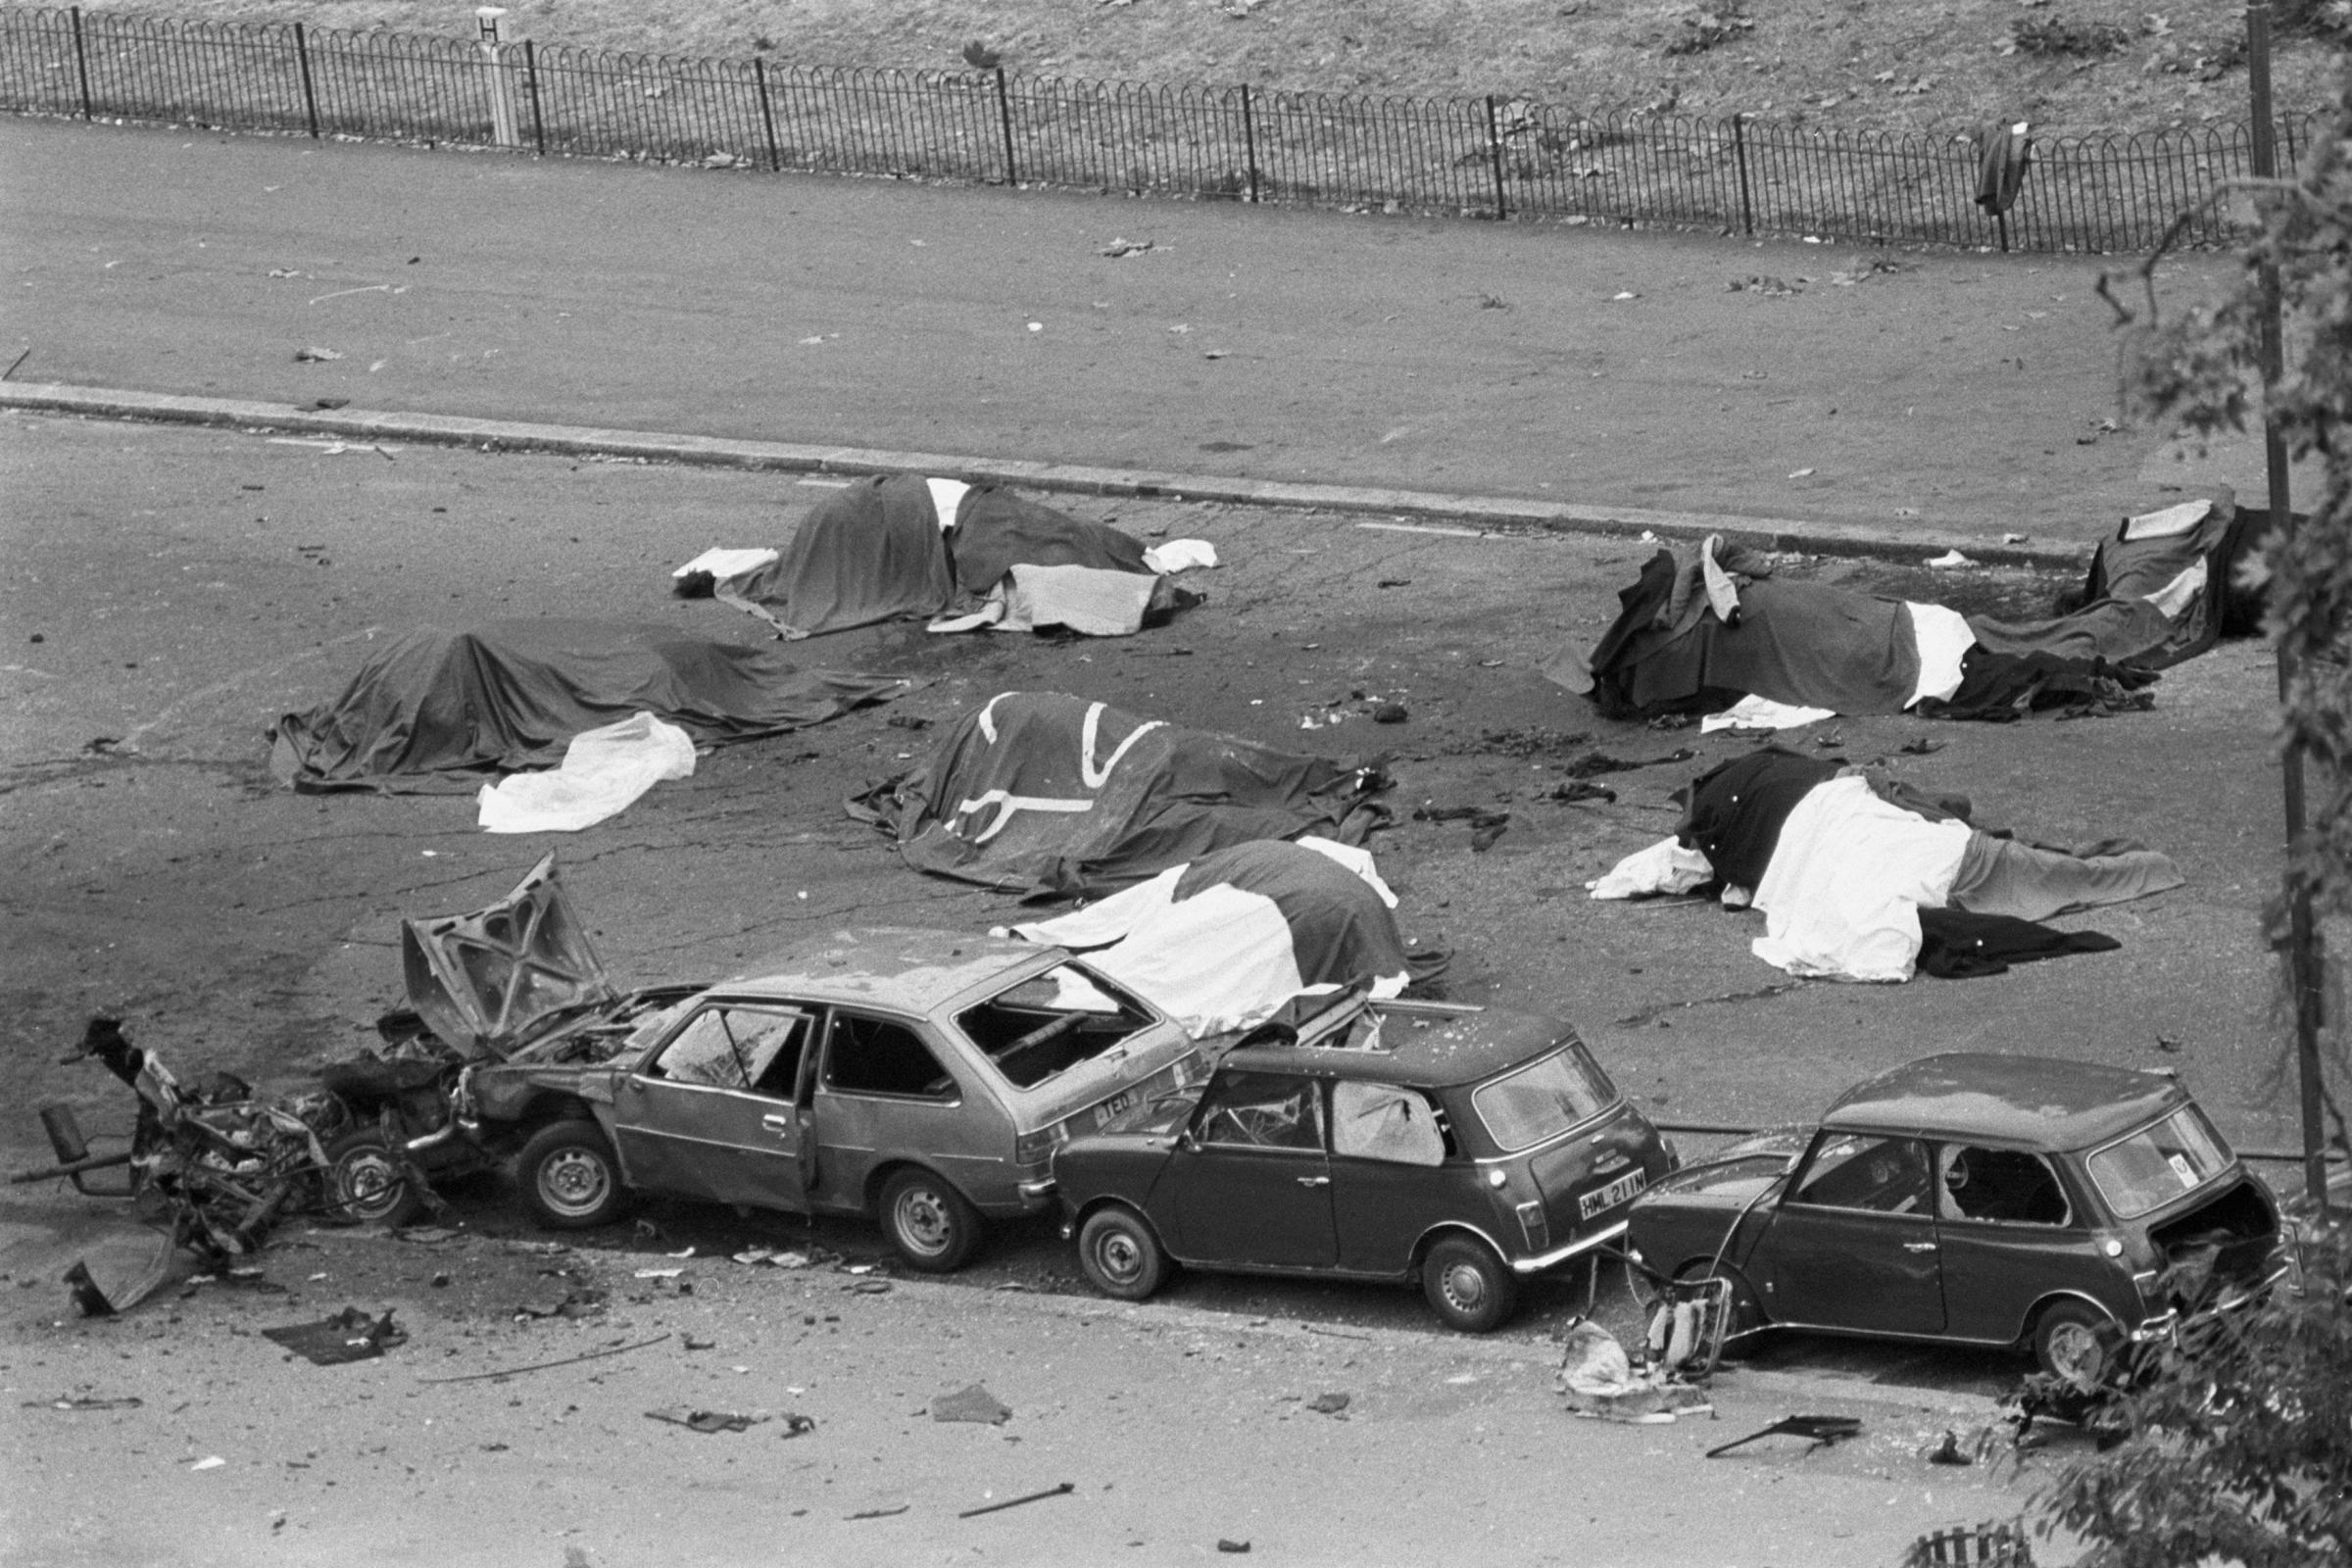 海德公园爱尔兰共和军炸弹被指控于1972年在法庭上因杀害士兵而被捕